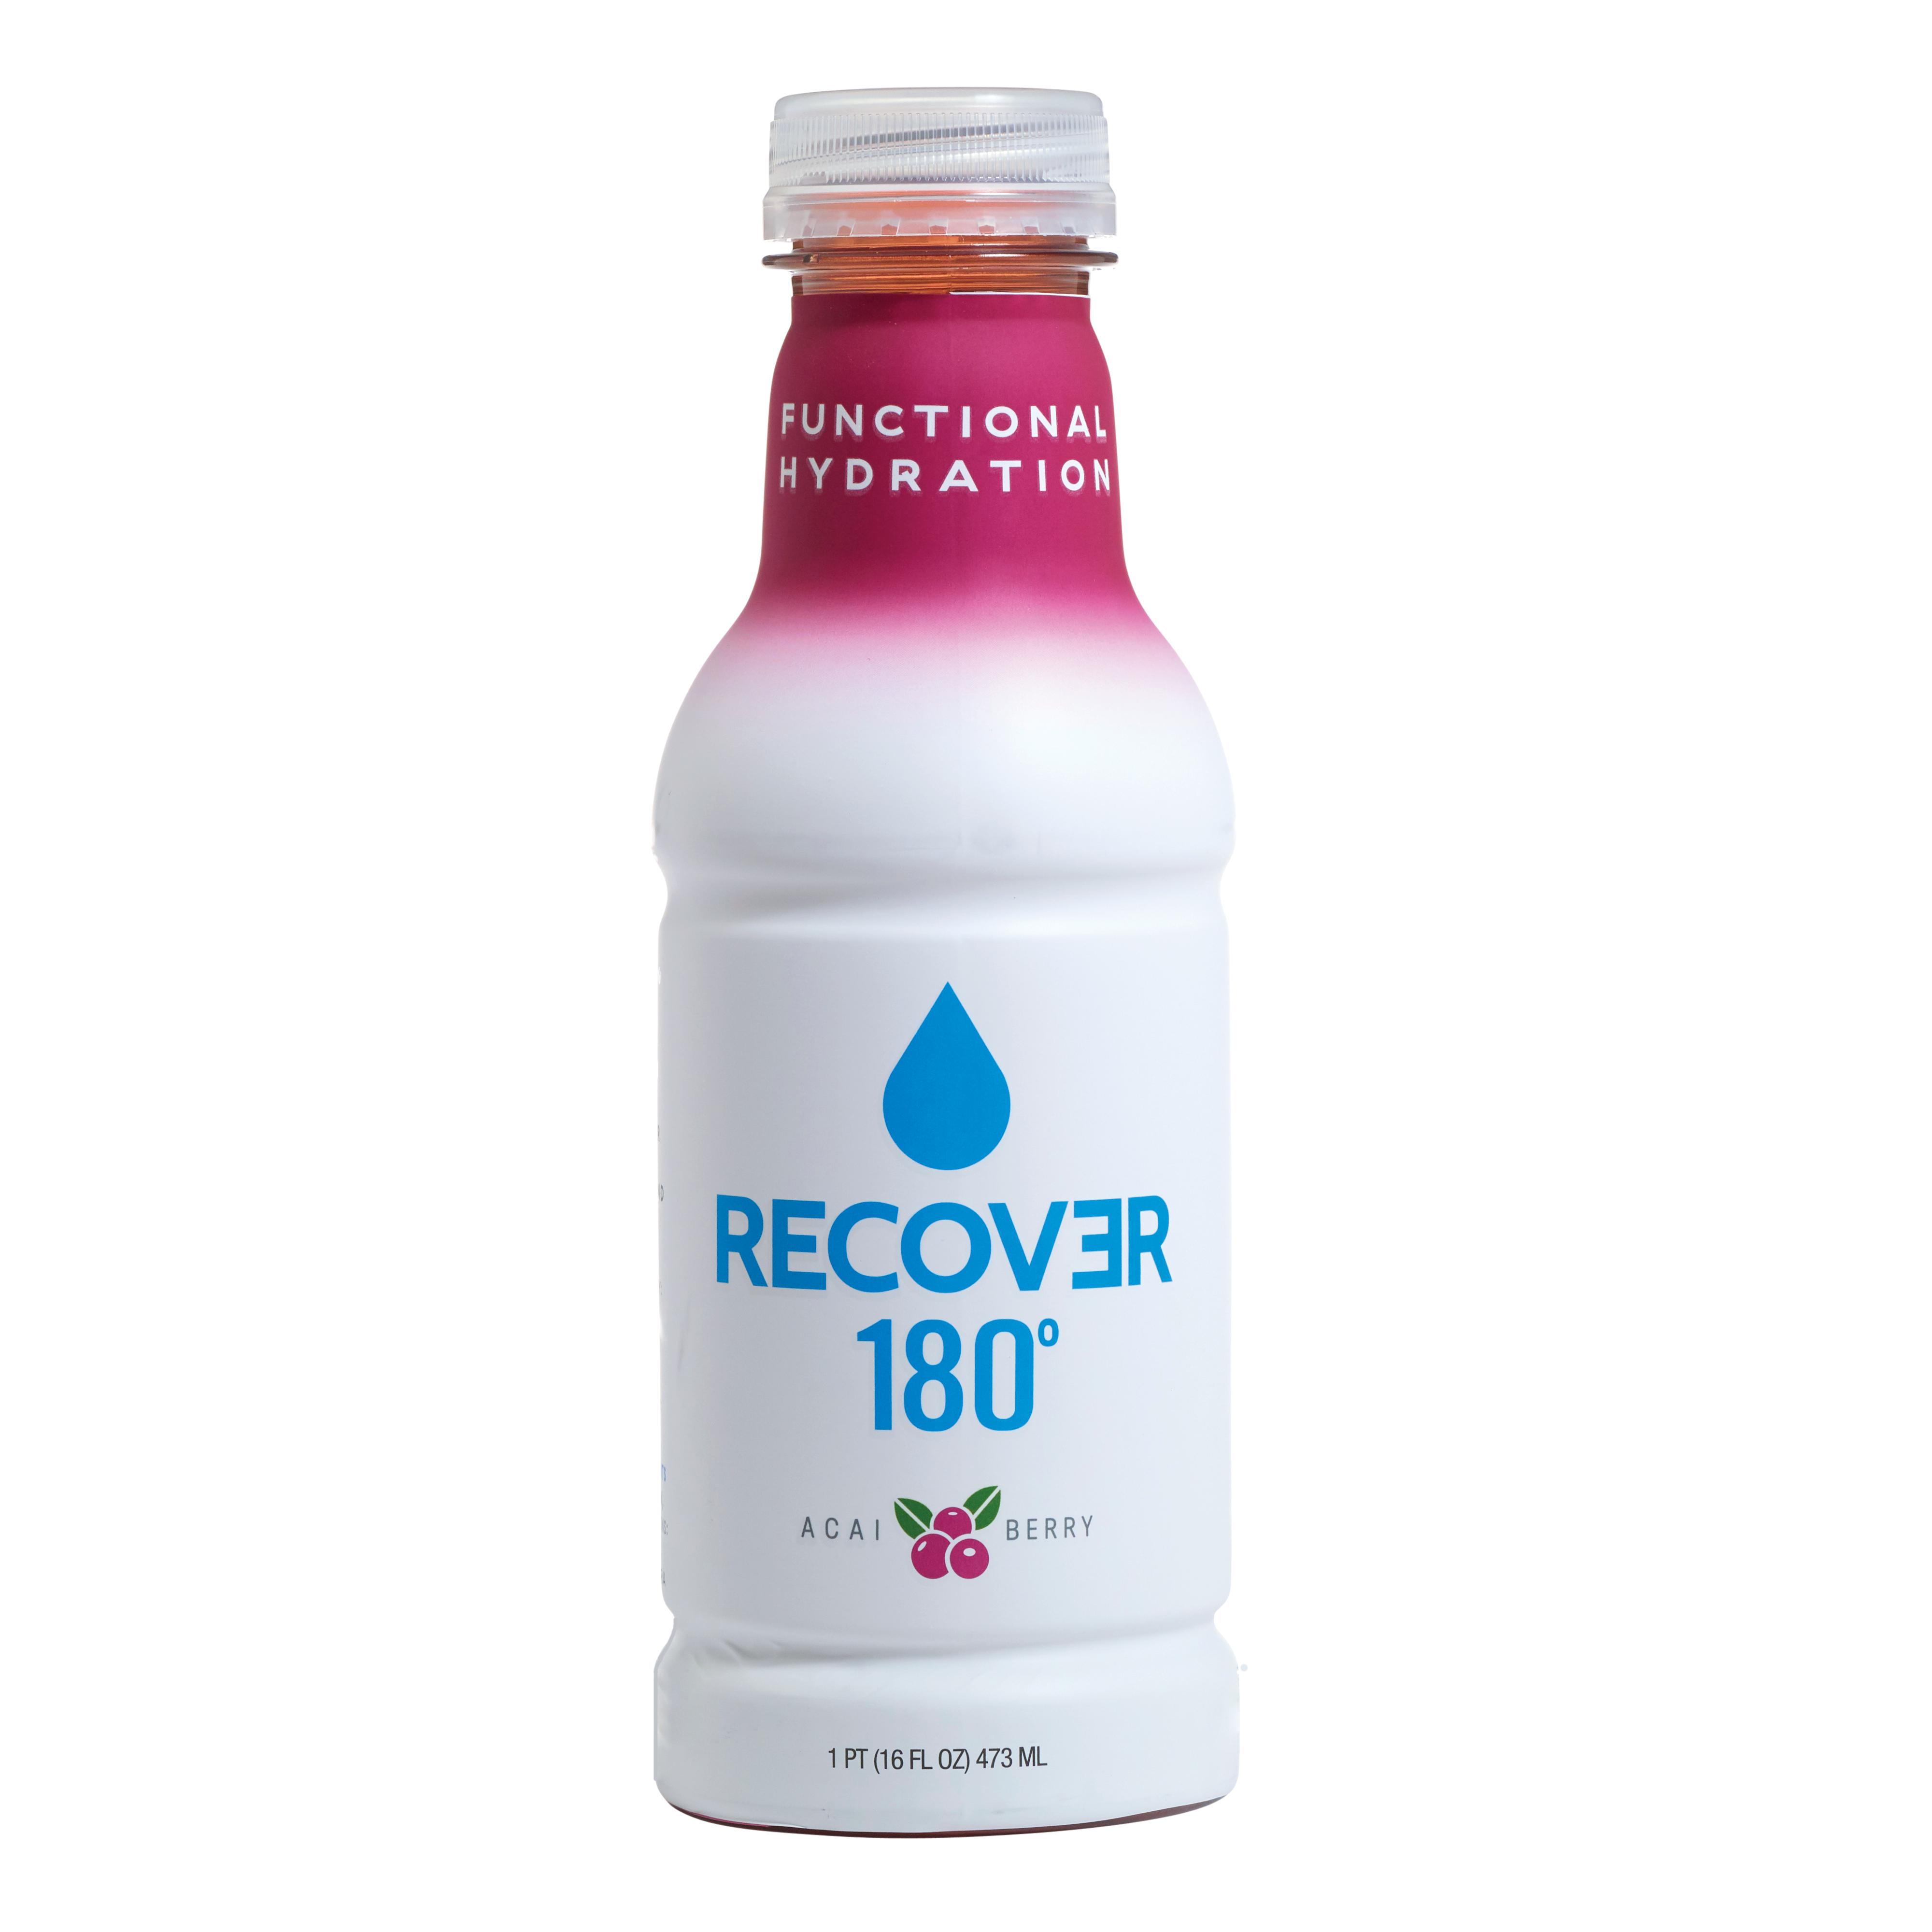 Recover 180, Acai